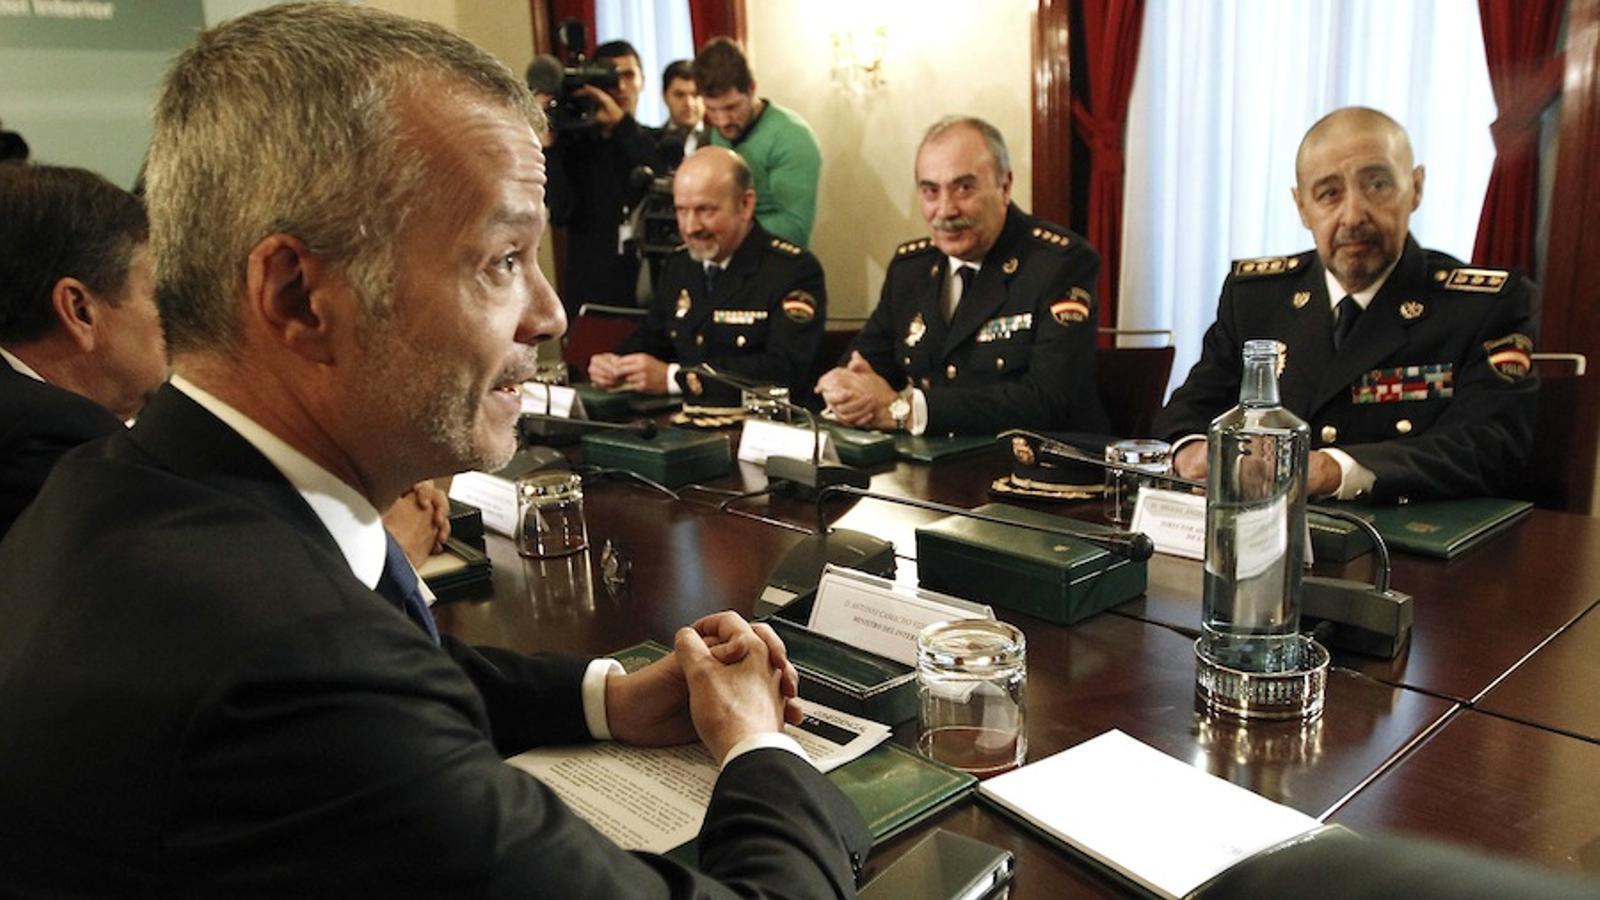 Camacho garanteix el compliment estricte de la llei a for Ministre interior